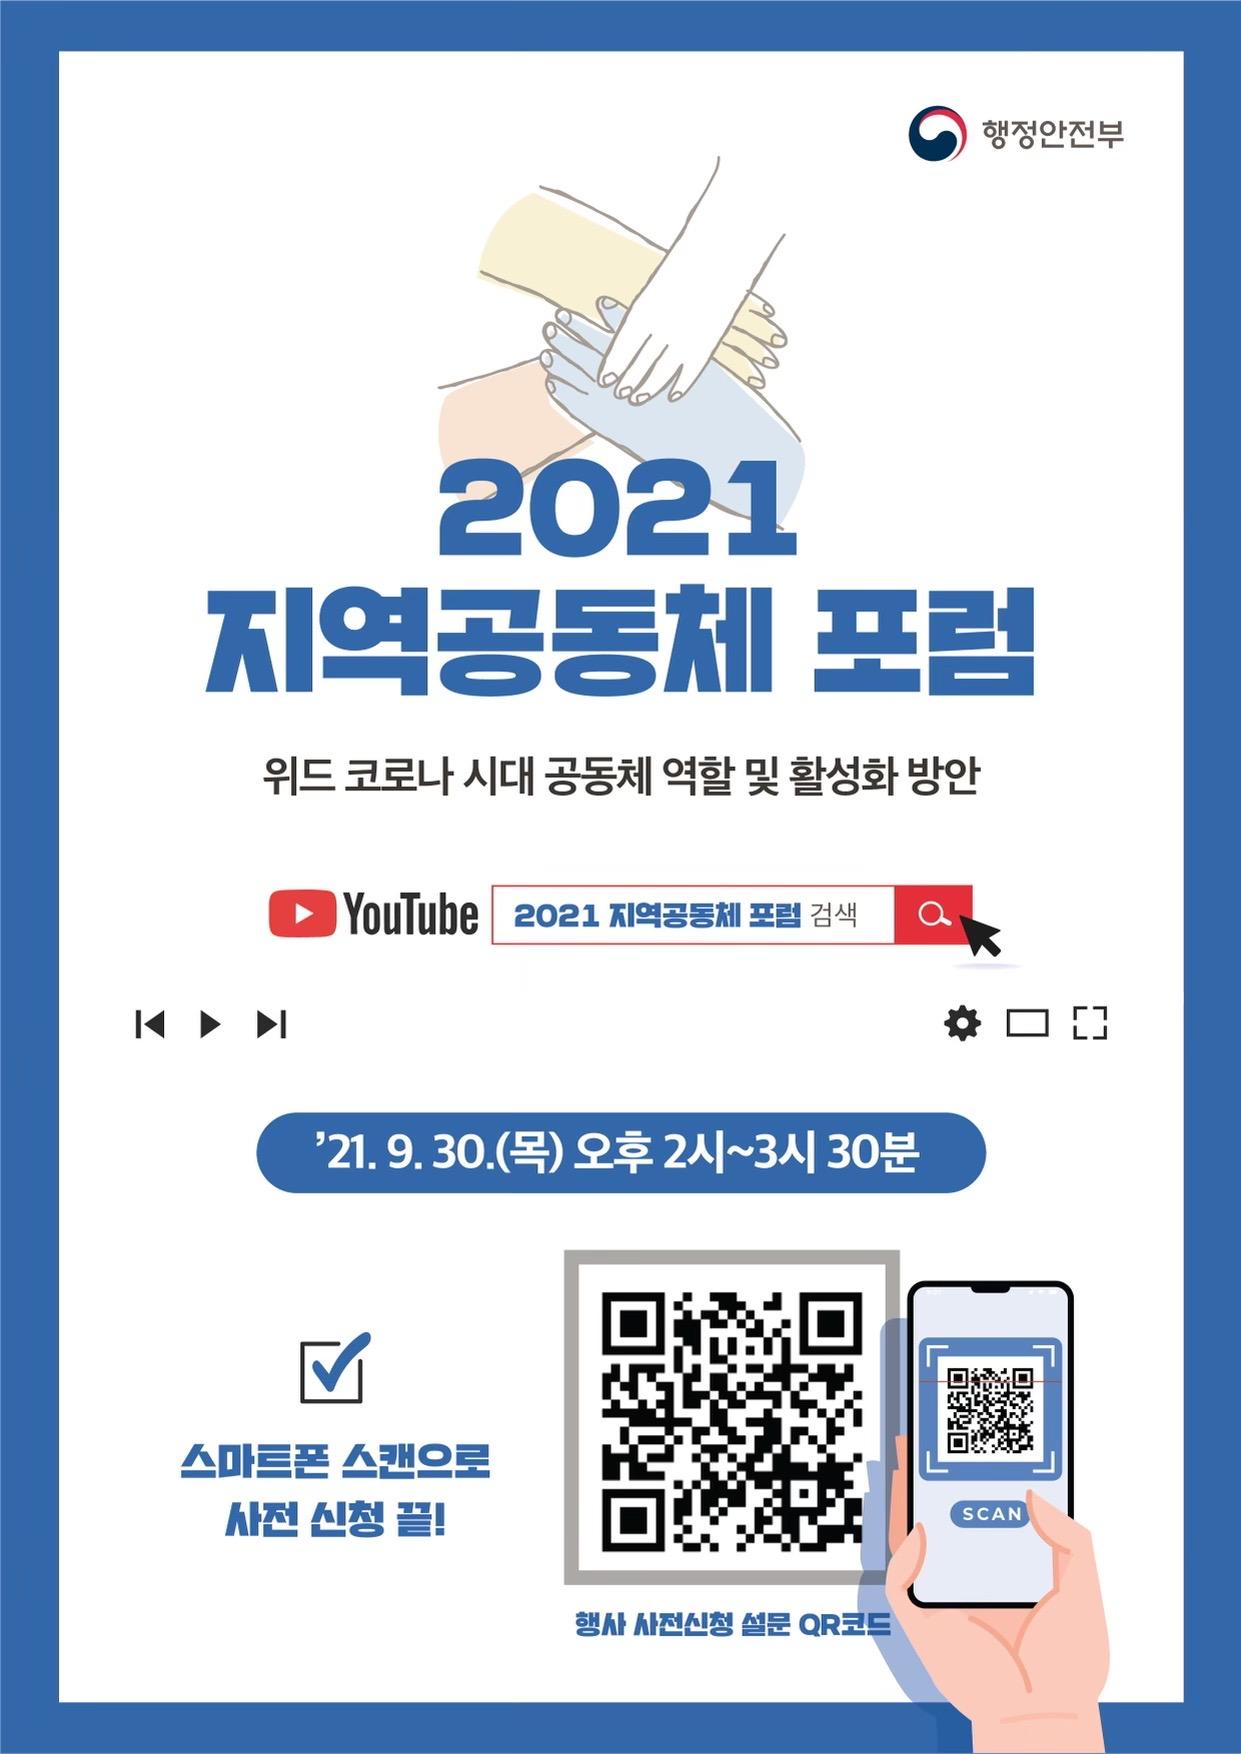 2021년 지역공동체 포럼 개최 안내 [이미지]